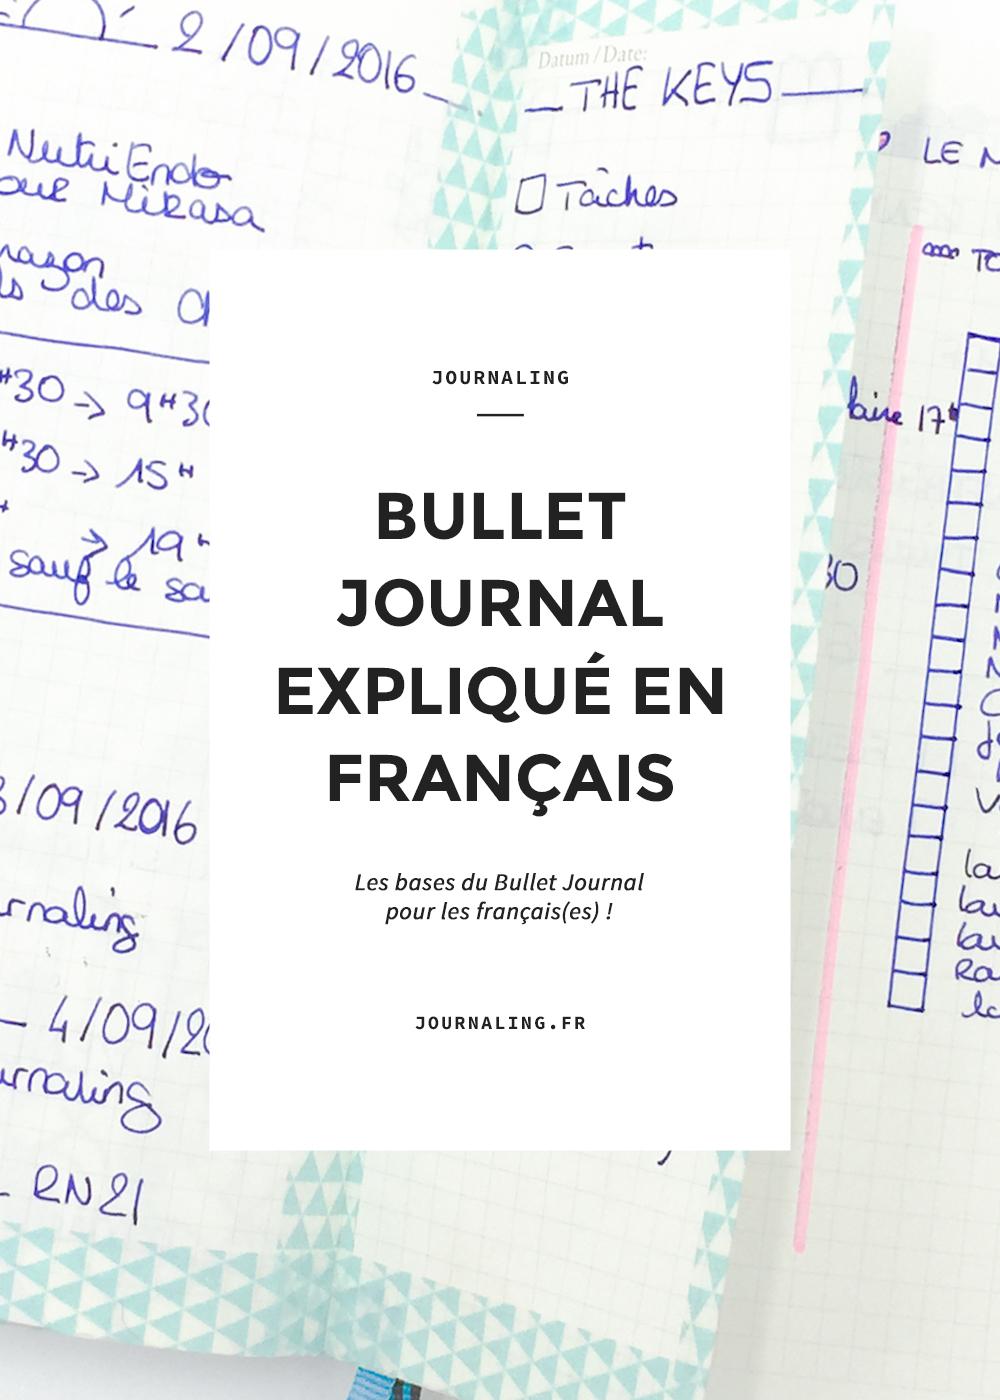 Bullet journal, le système d'organisation qui fait fureur!